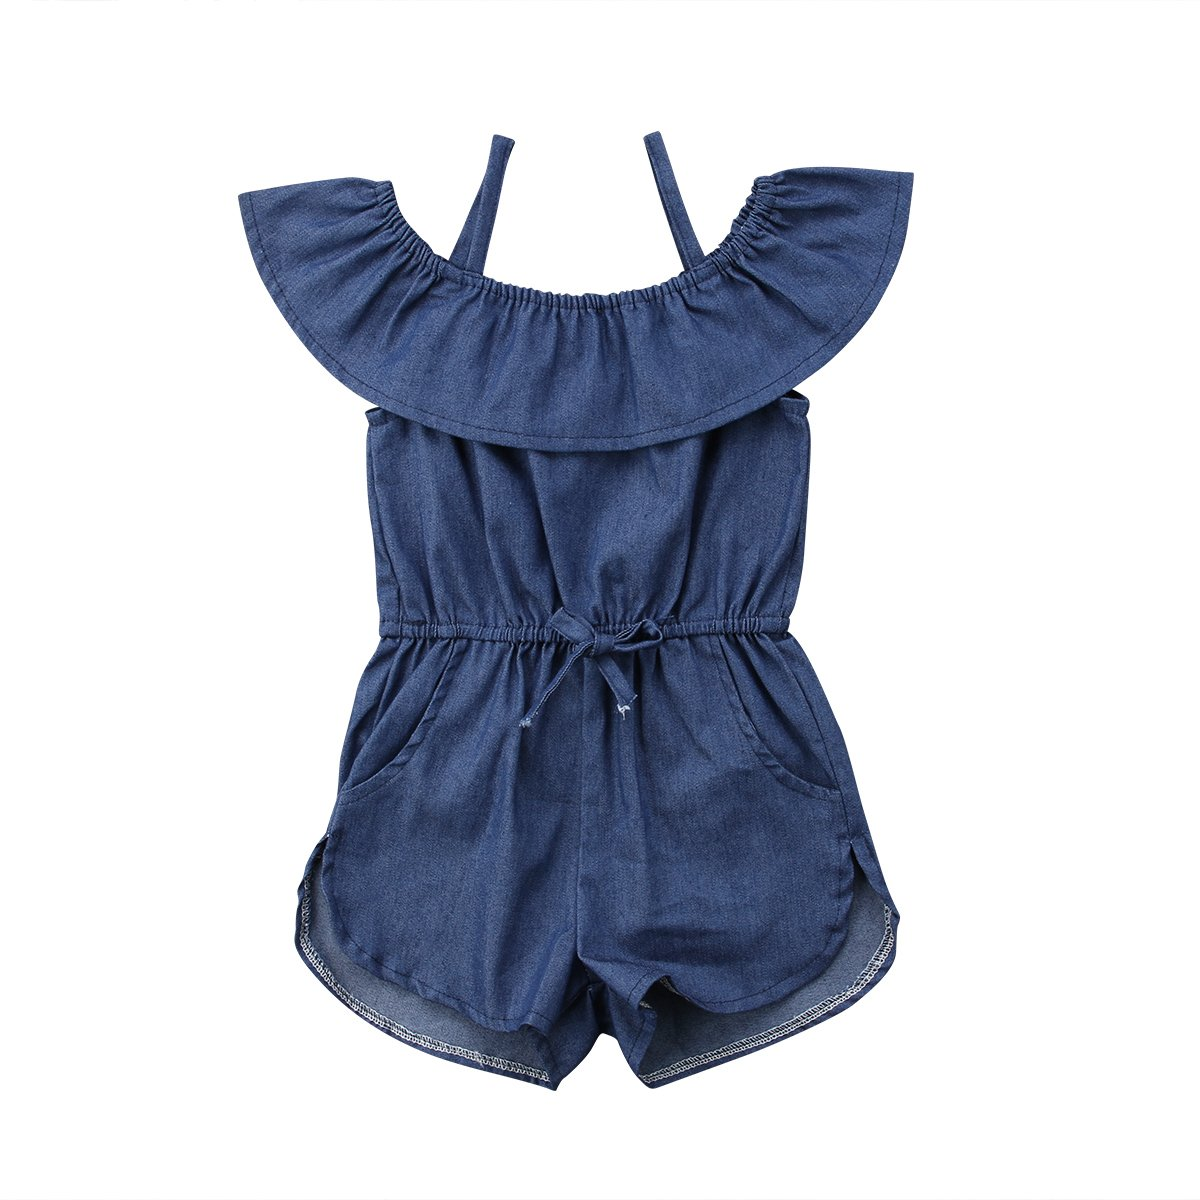 Toddler Little Girl Demin Off Shoulder Ruffle Pocket Romper Jumpsuit Clothes Set (Blue, 5-6T)